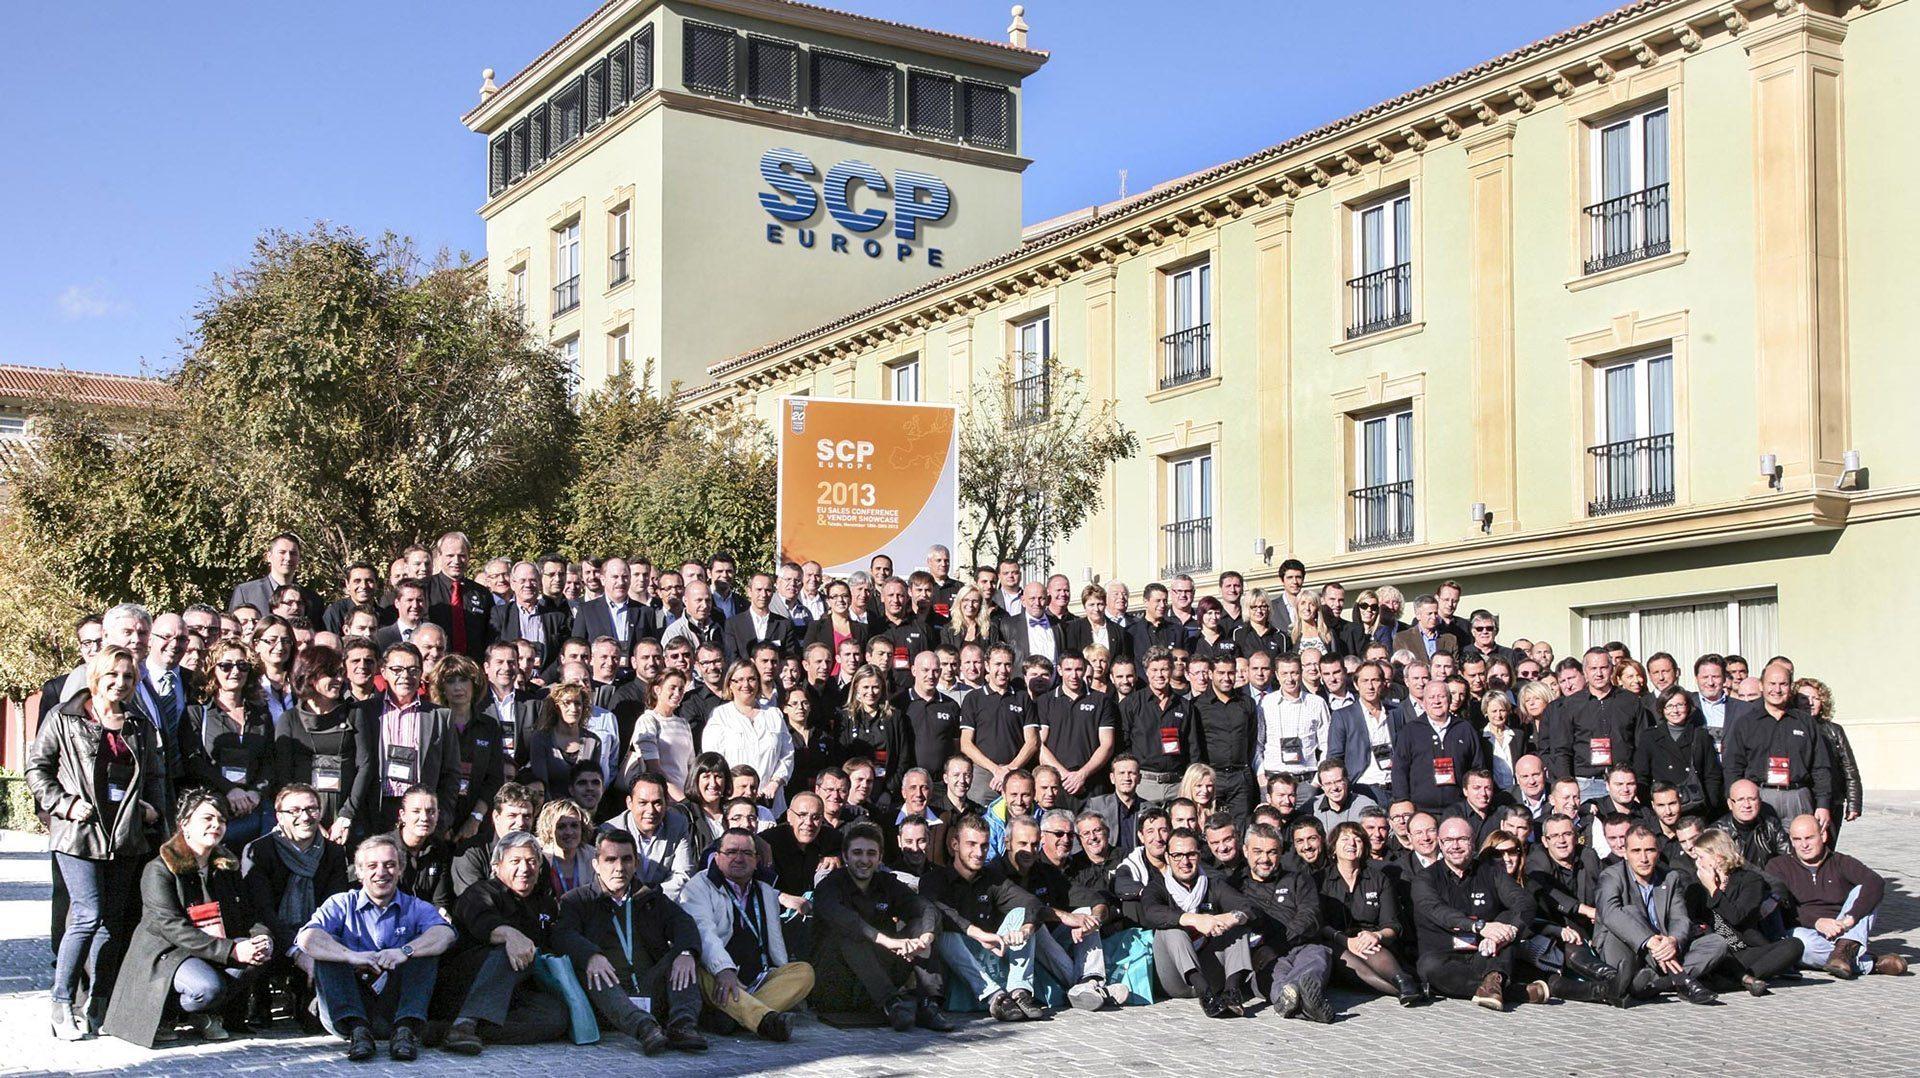 Succès pour les conférences & showcase organisés par SCP Europe à Tolède